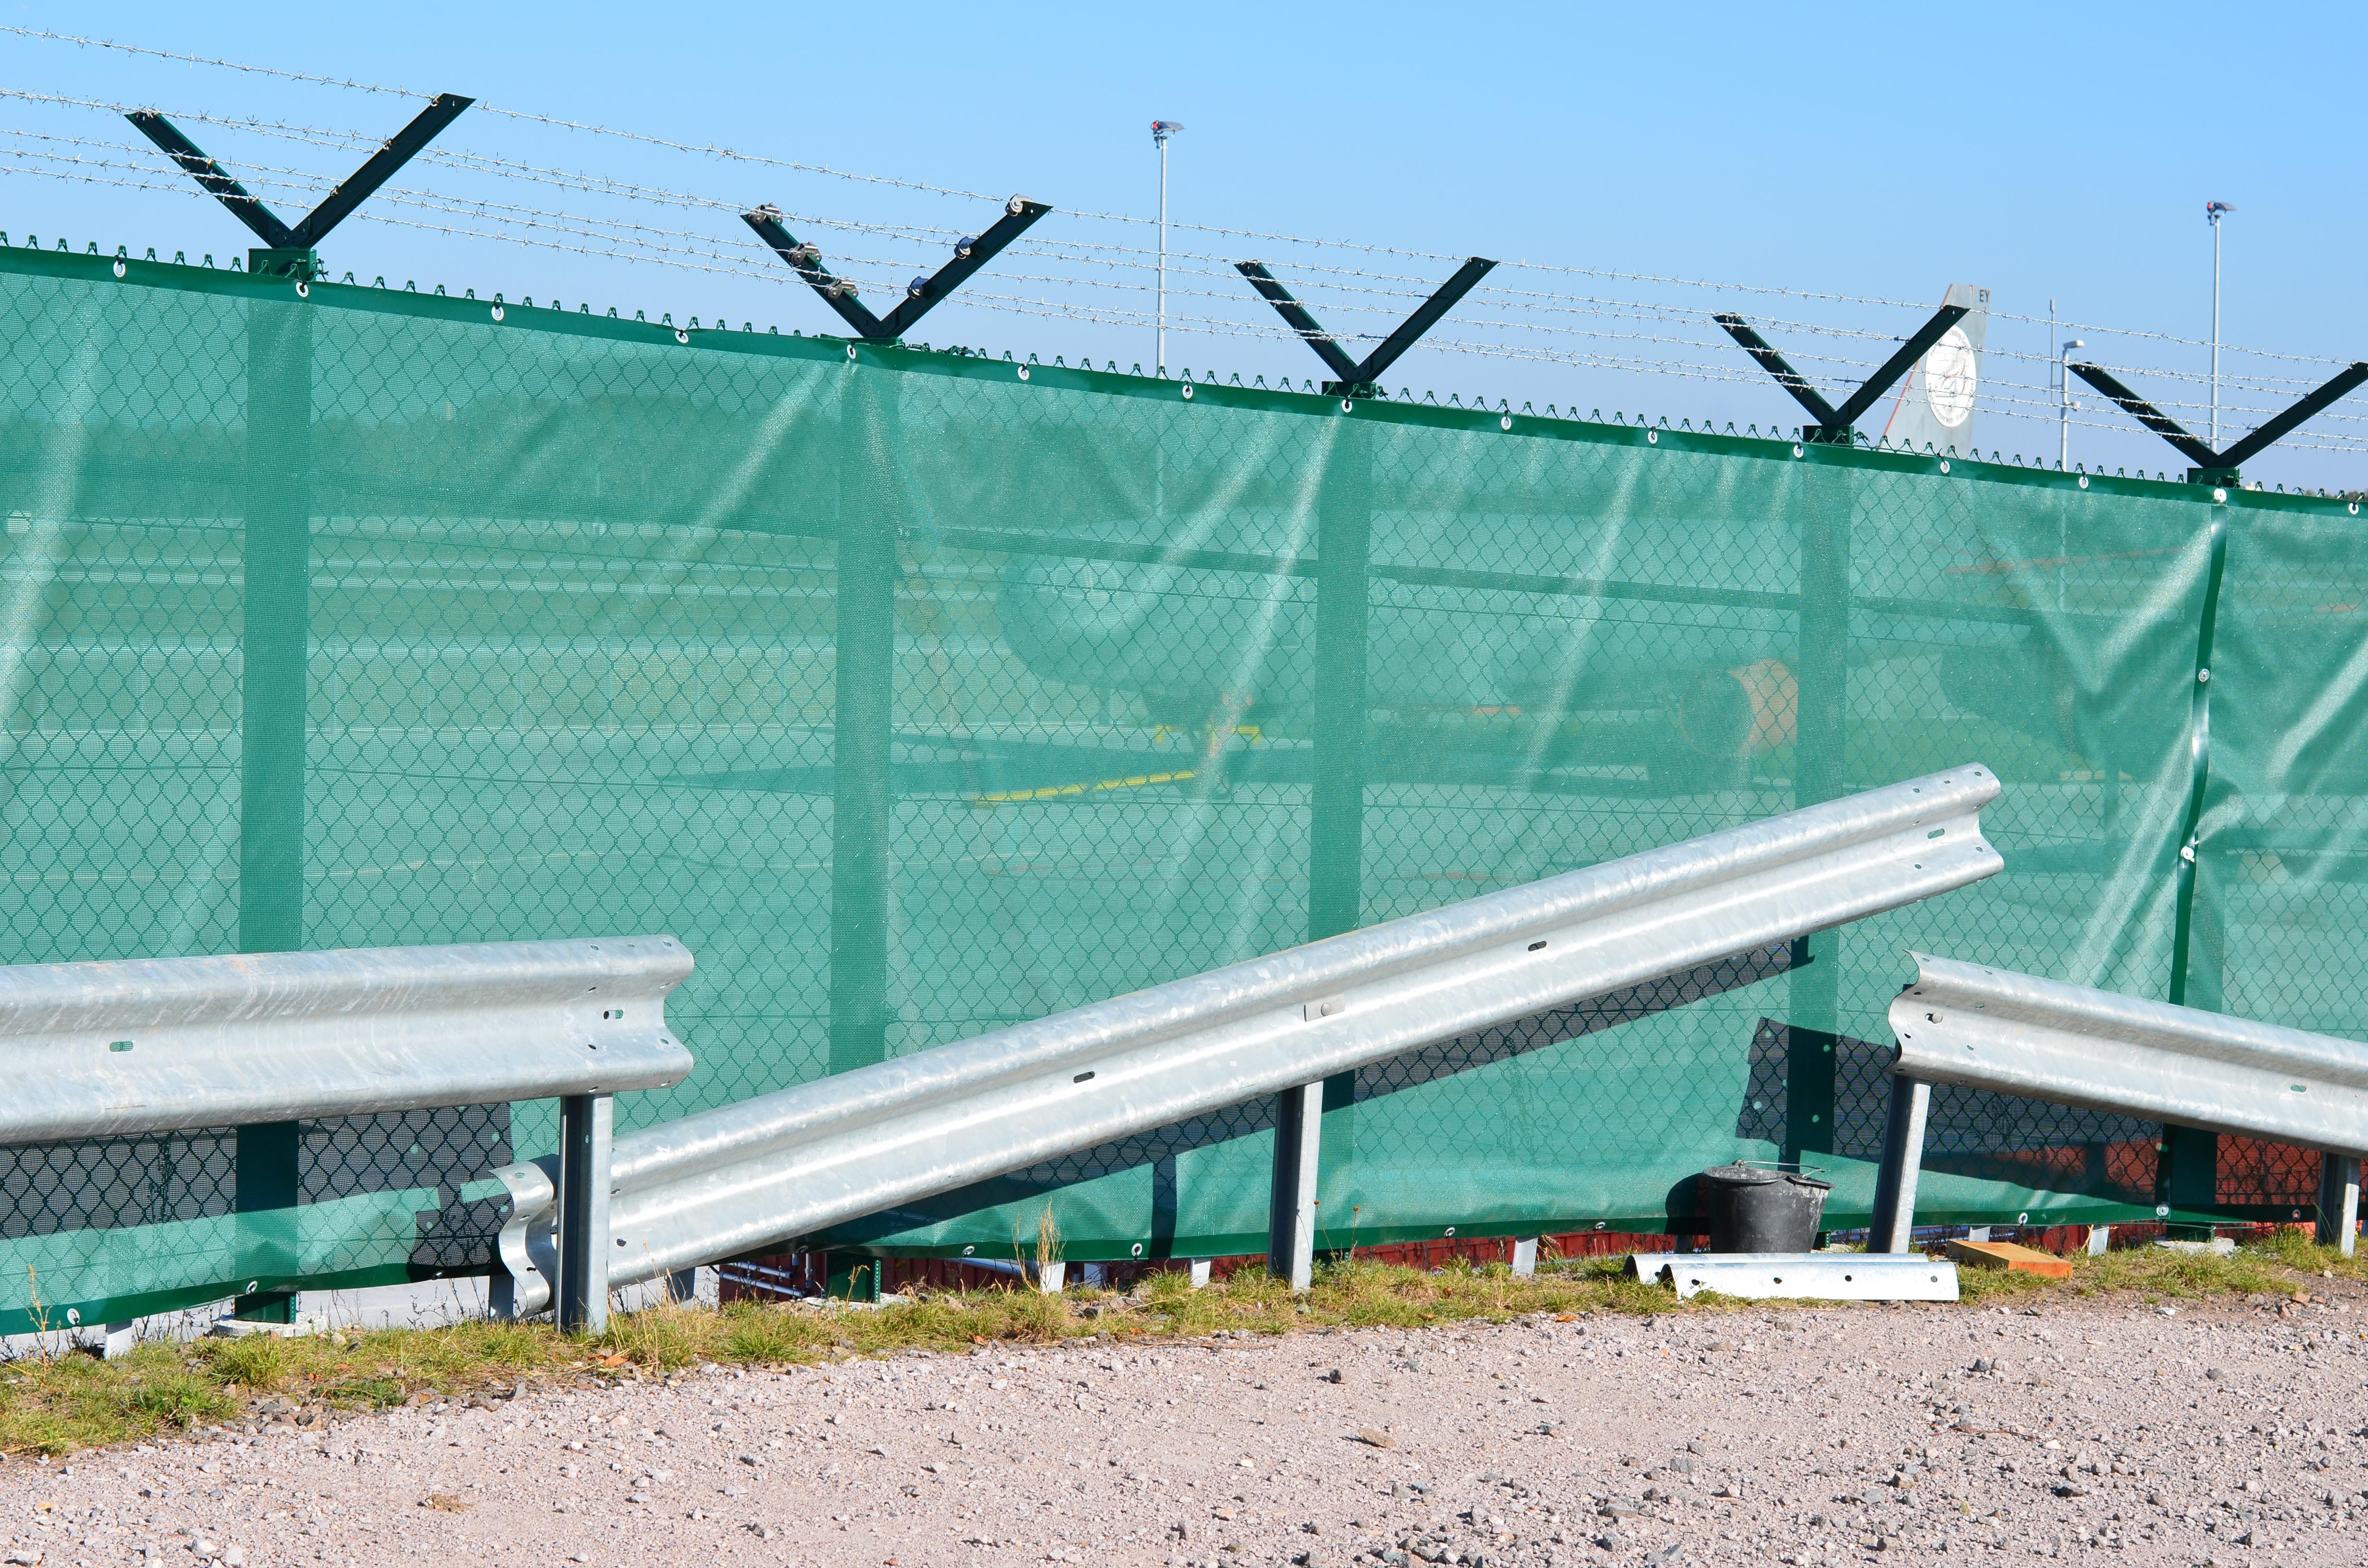 File Airport Frankfurt Fraport Flughafen Frankfurt Fence With